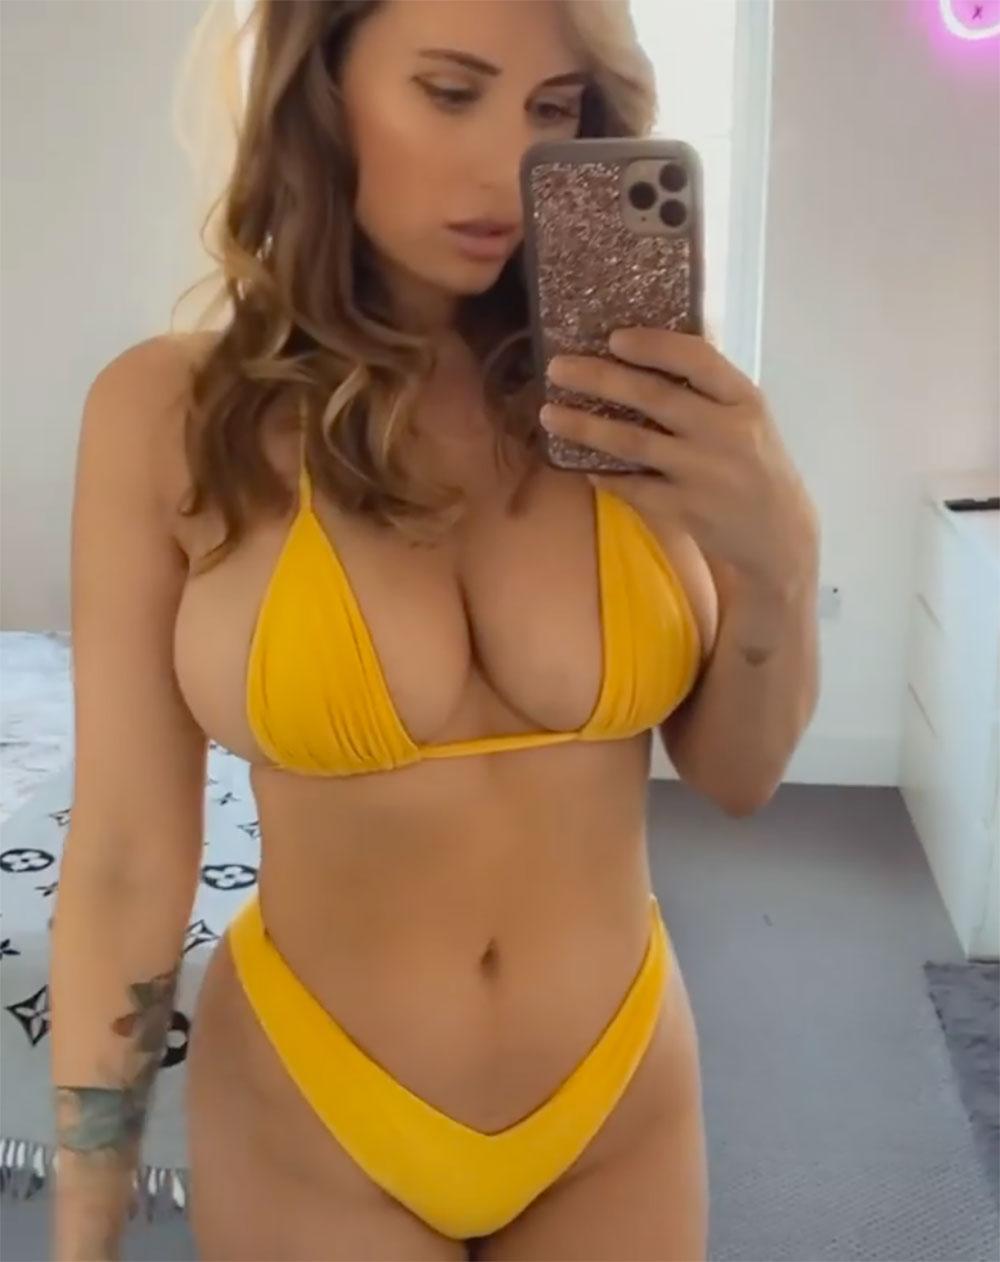 sammy braddy yellow bikini